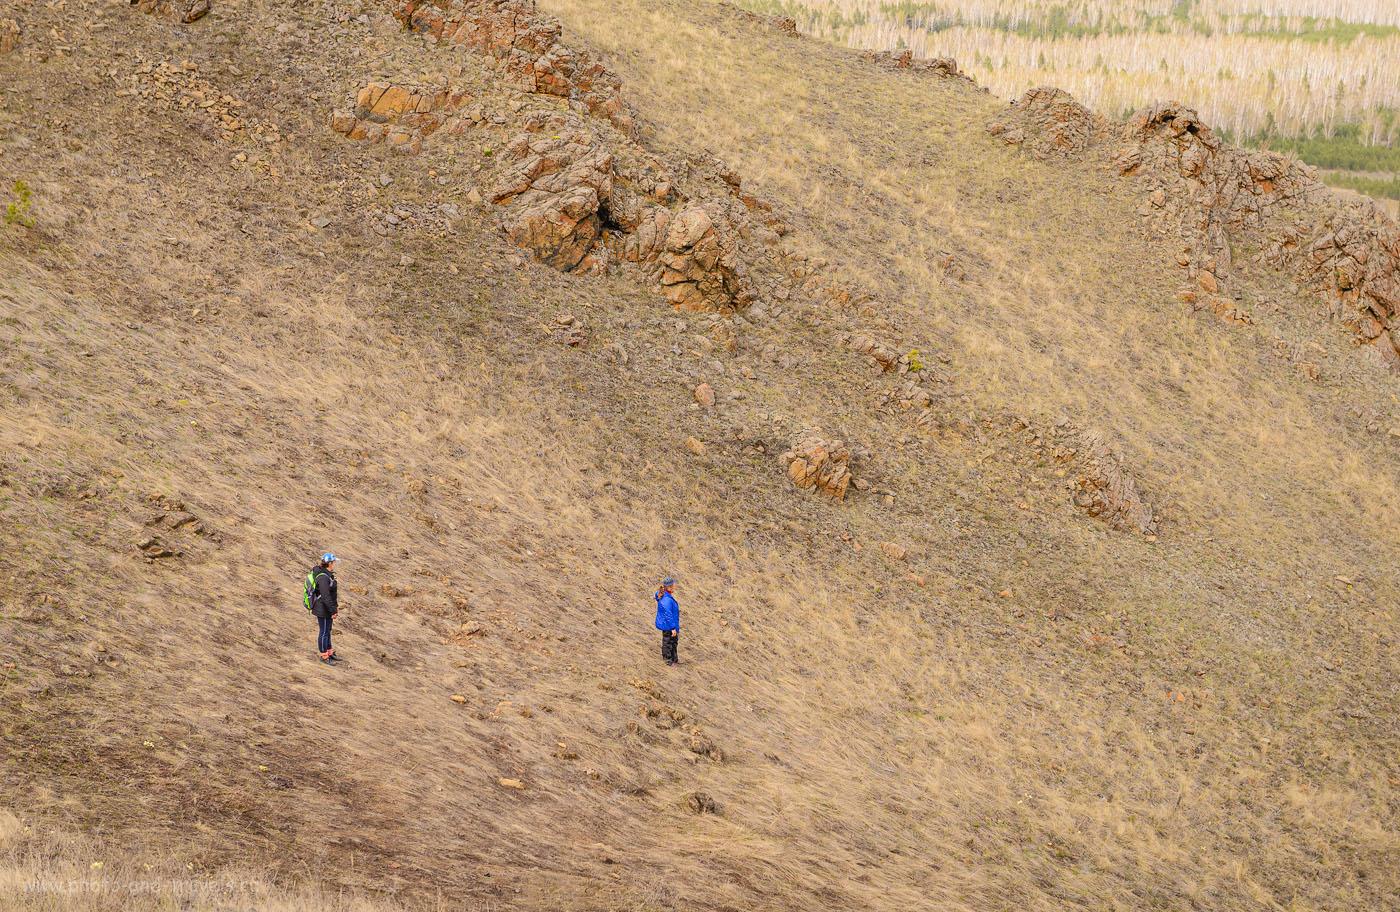 23. Пеший поход в горы Башкирии. Как же там чудесно! 1/400, 0.33, 5.6, 250, 66.